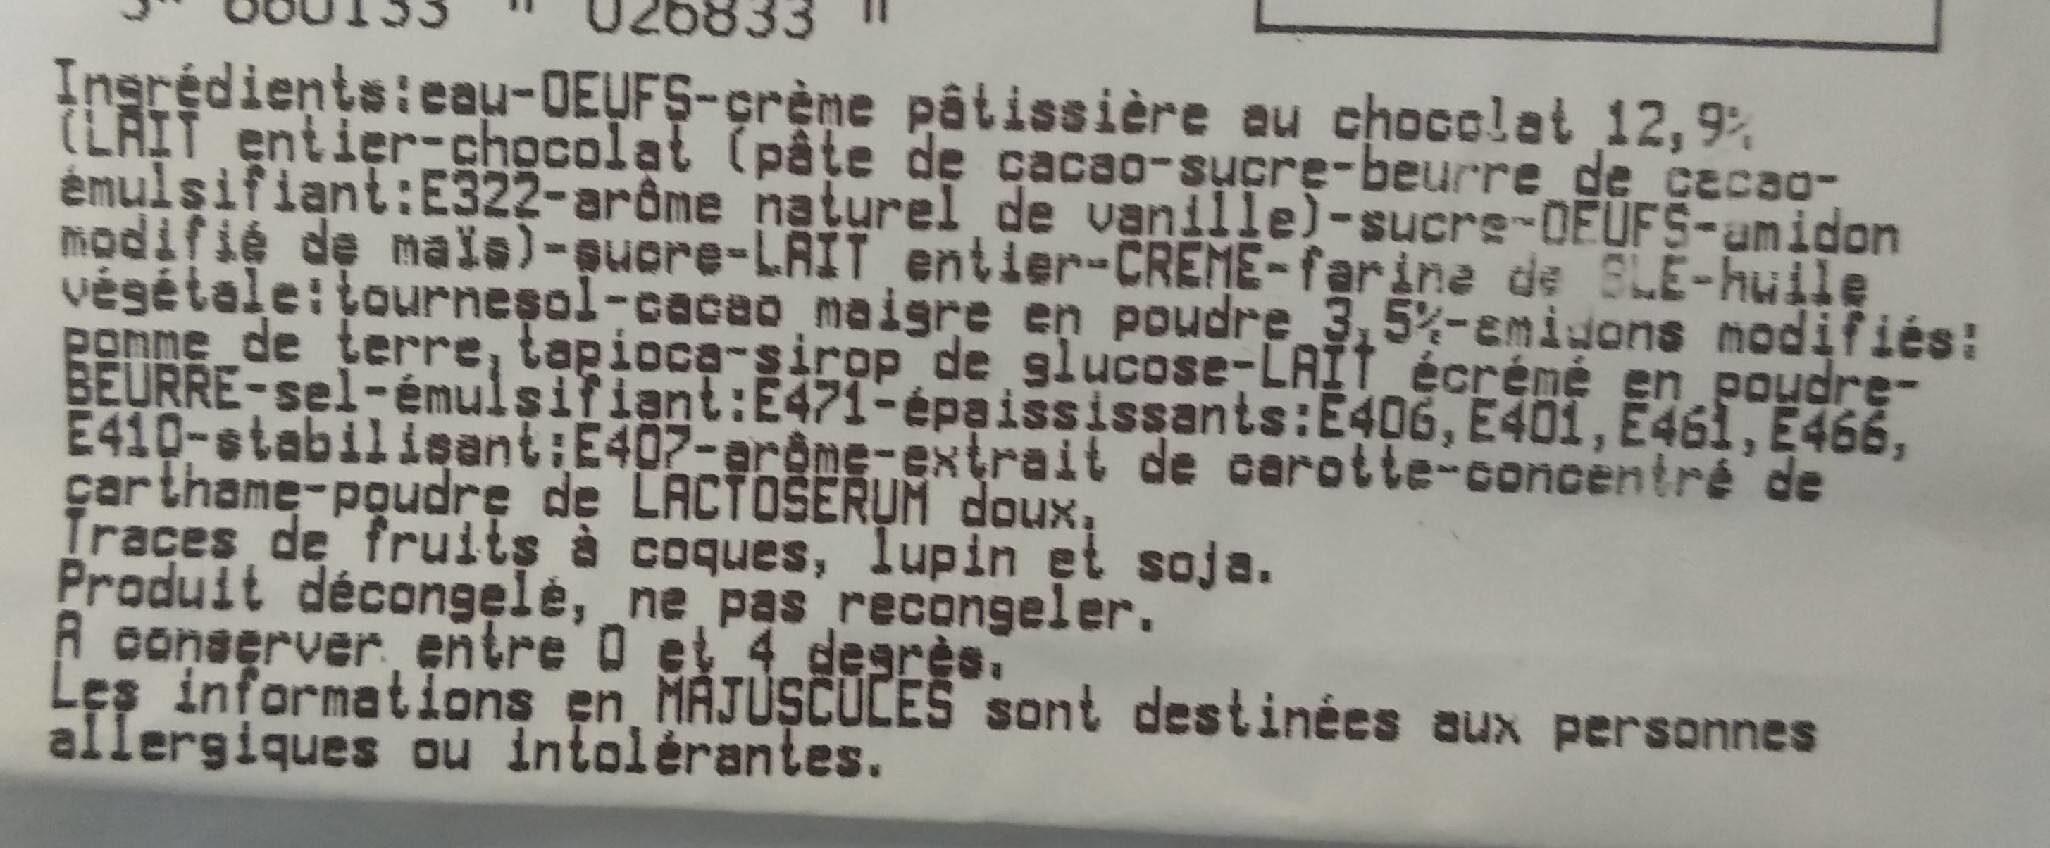 Eclairs au chocolat x2 décongelés - Ingrédients - fr